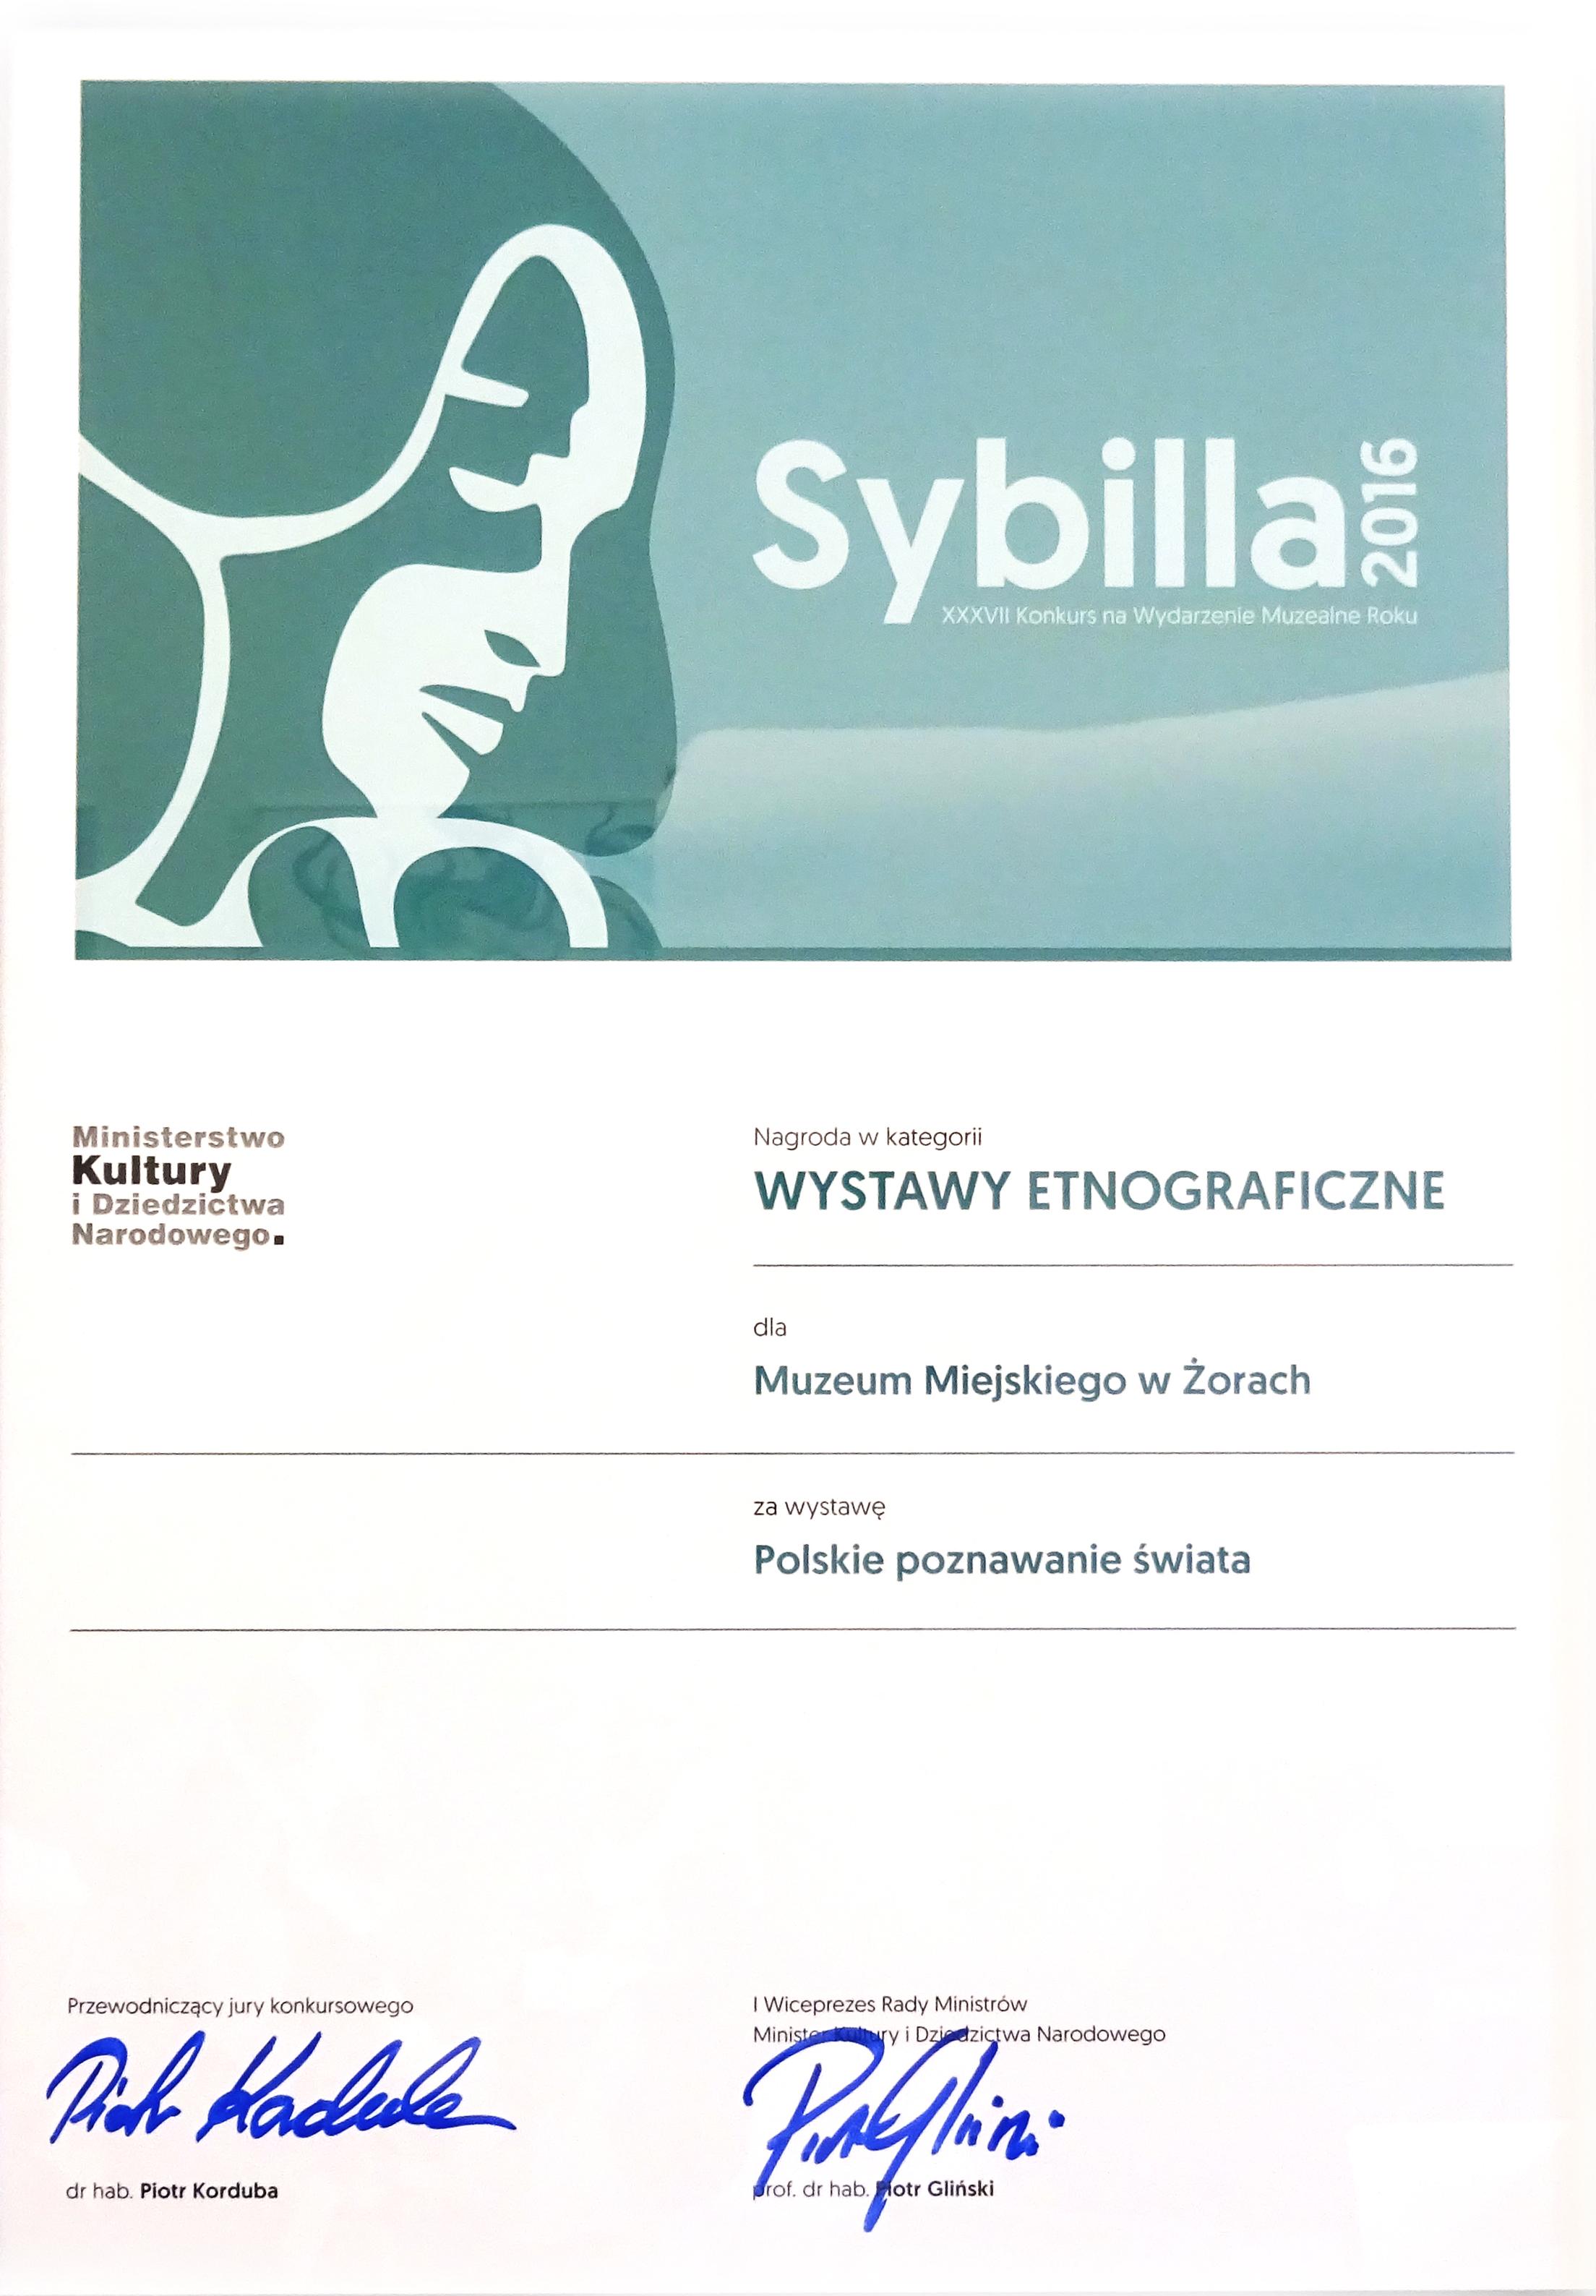 Nagroda Sybilla 2016